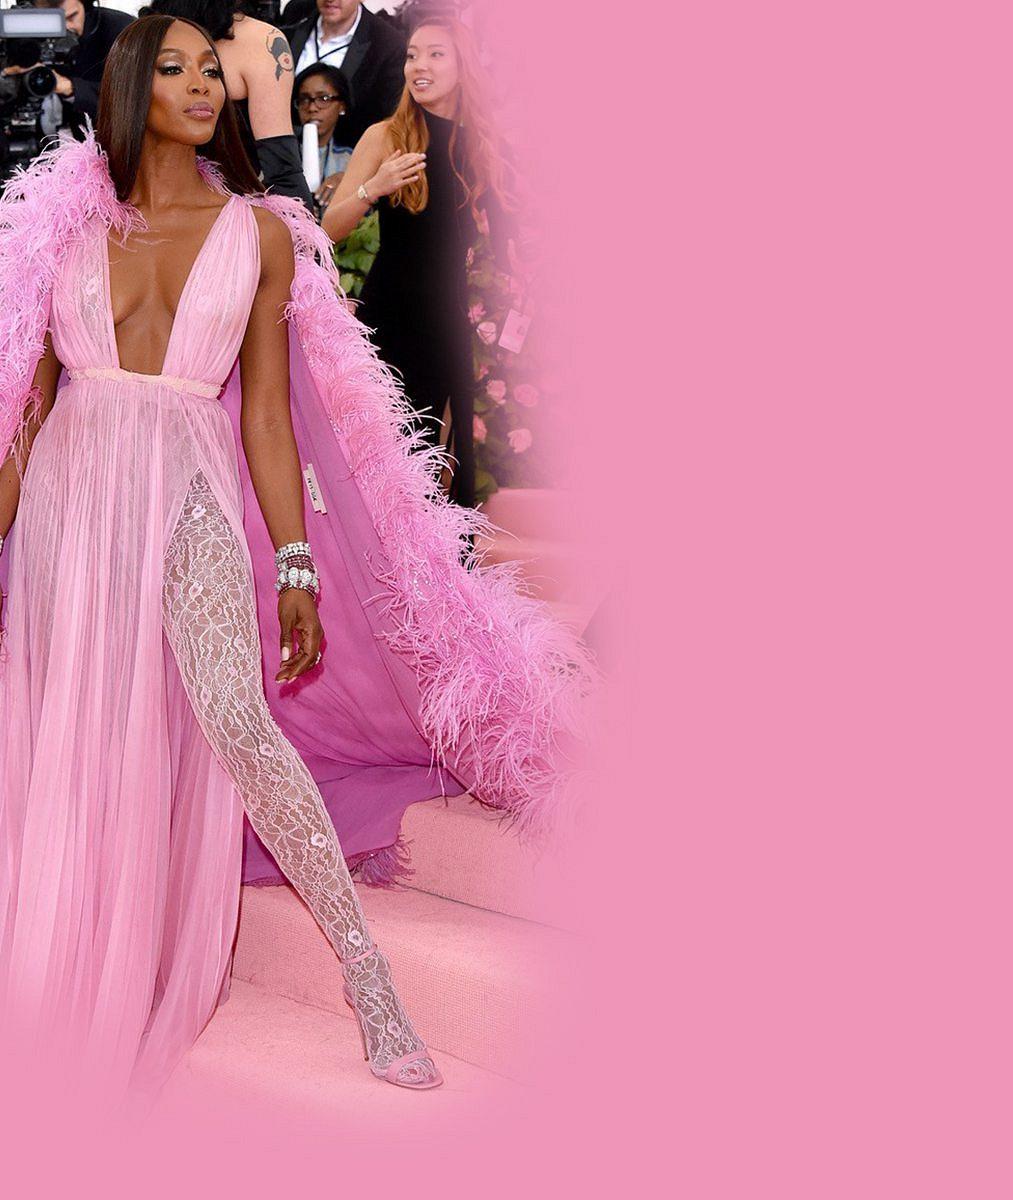 Jak si Naomi Campbell udržuje svou štíhlou postavu? Modelka přiznala, že jí jen jedno jídlo denně